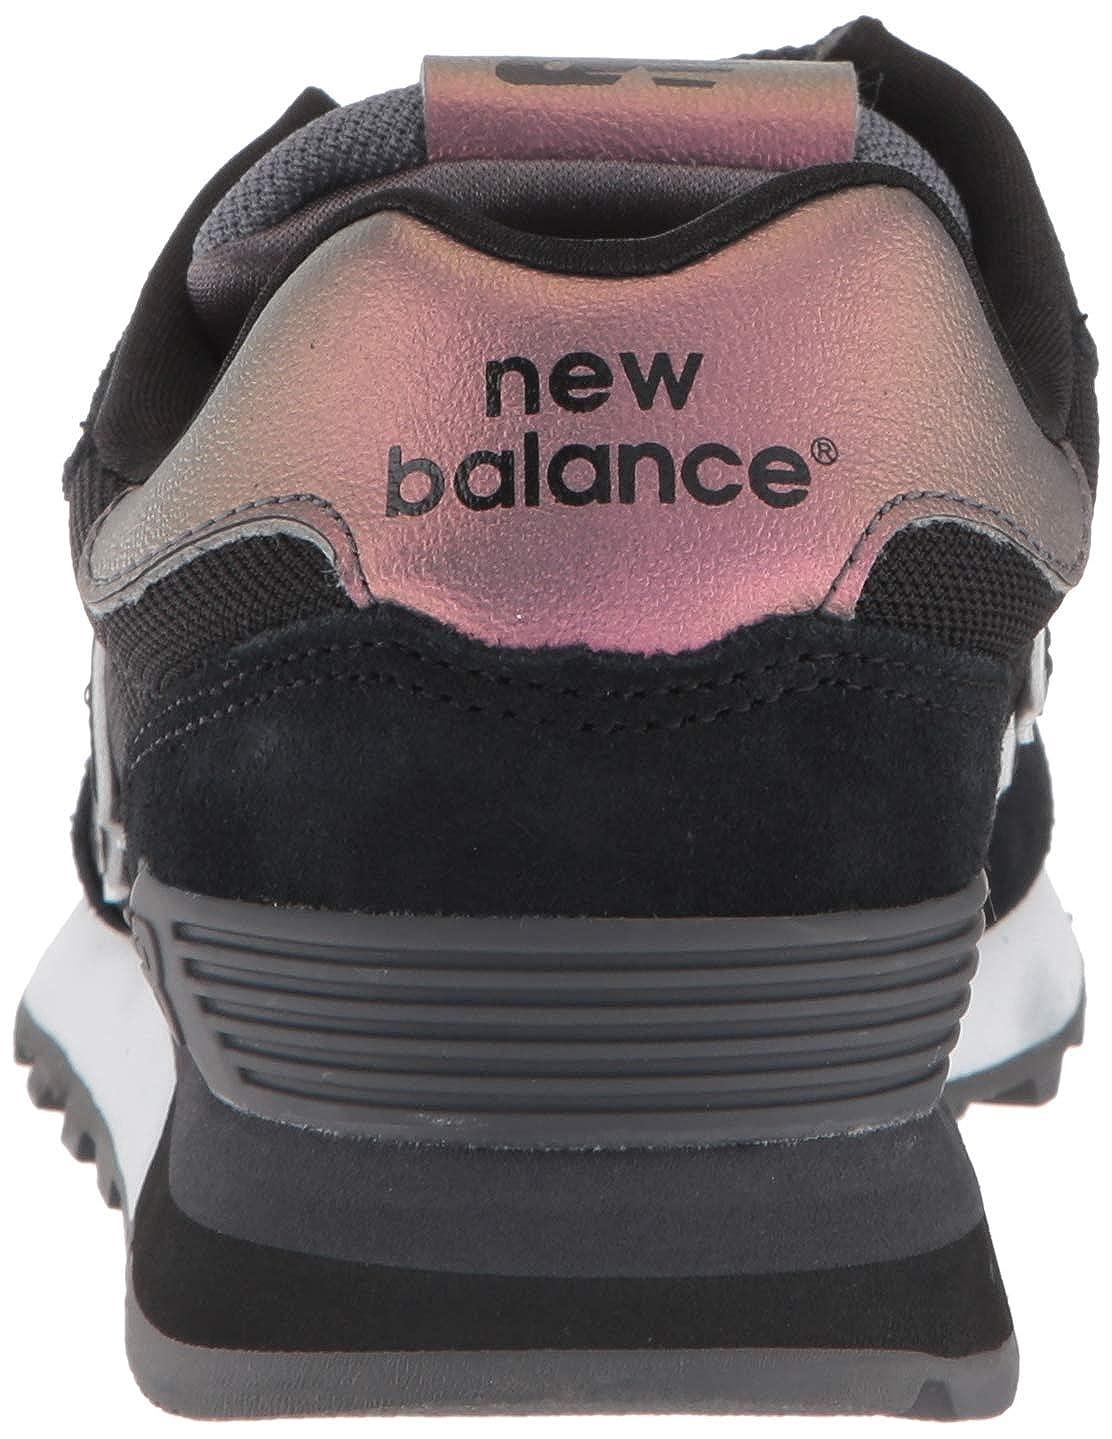 Gentiluomo   Signora New Balance - 515v1, 515v1 Donna Donna Donna Non così costoso Coloreei vivaci Coloreee molto buono | Fine Anno Vendita Speciale  | Uomo/Donne Scarpa  76a1b8